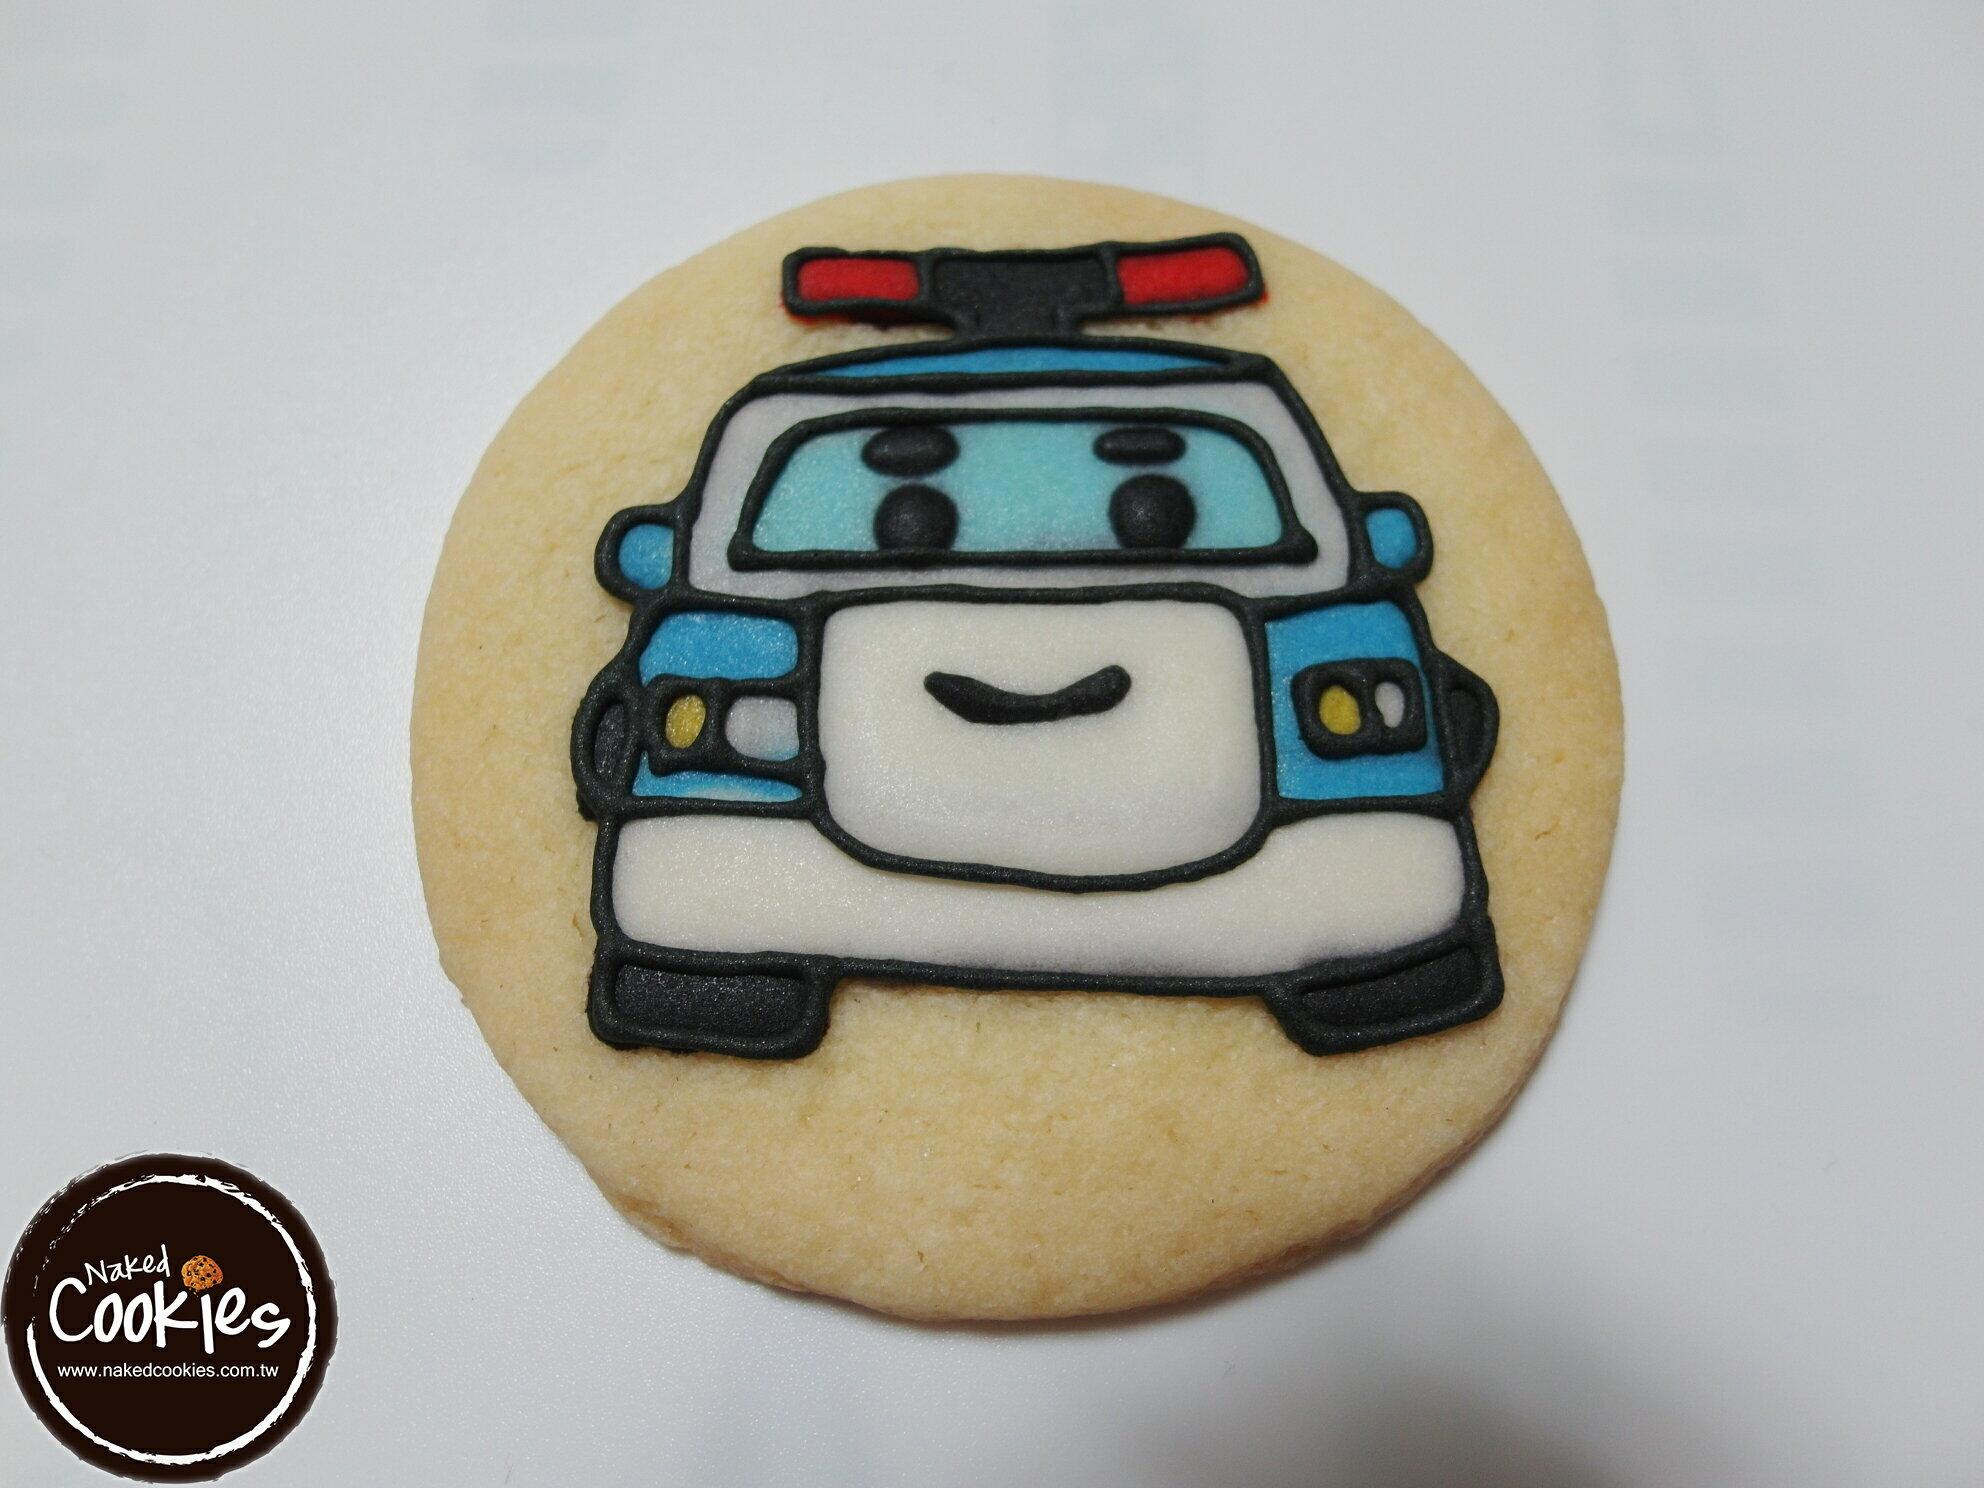 【裸餅乾Naked Cookies】POLI波力(藍)主題-特殊客製6入-創意手工糖霜餅乾,婚禮/生日/活動/收涎/彌月